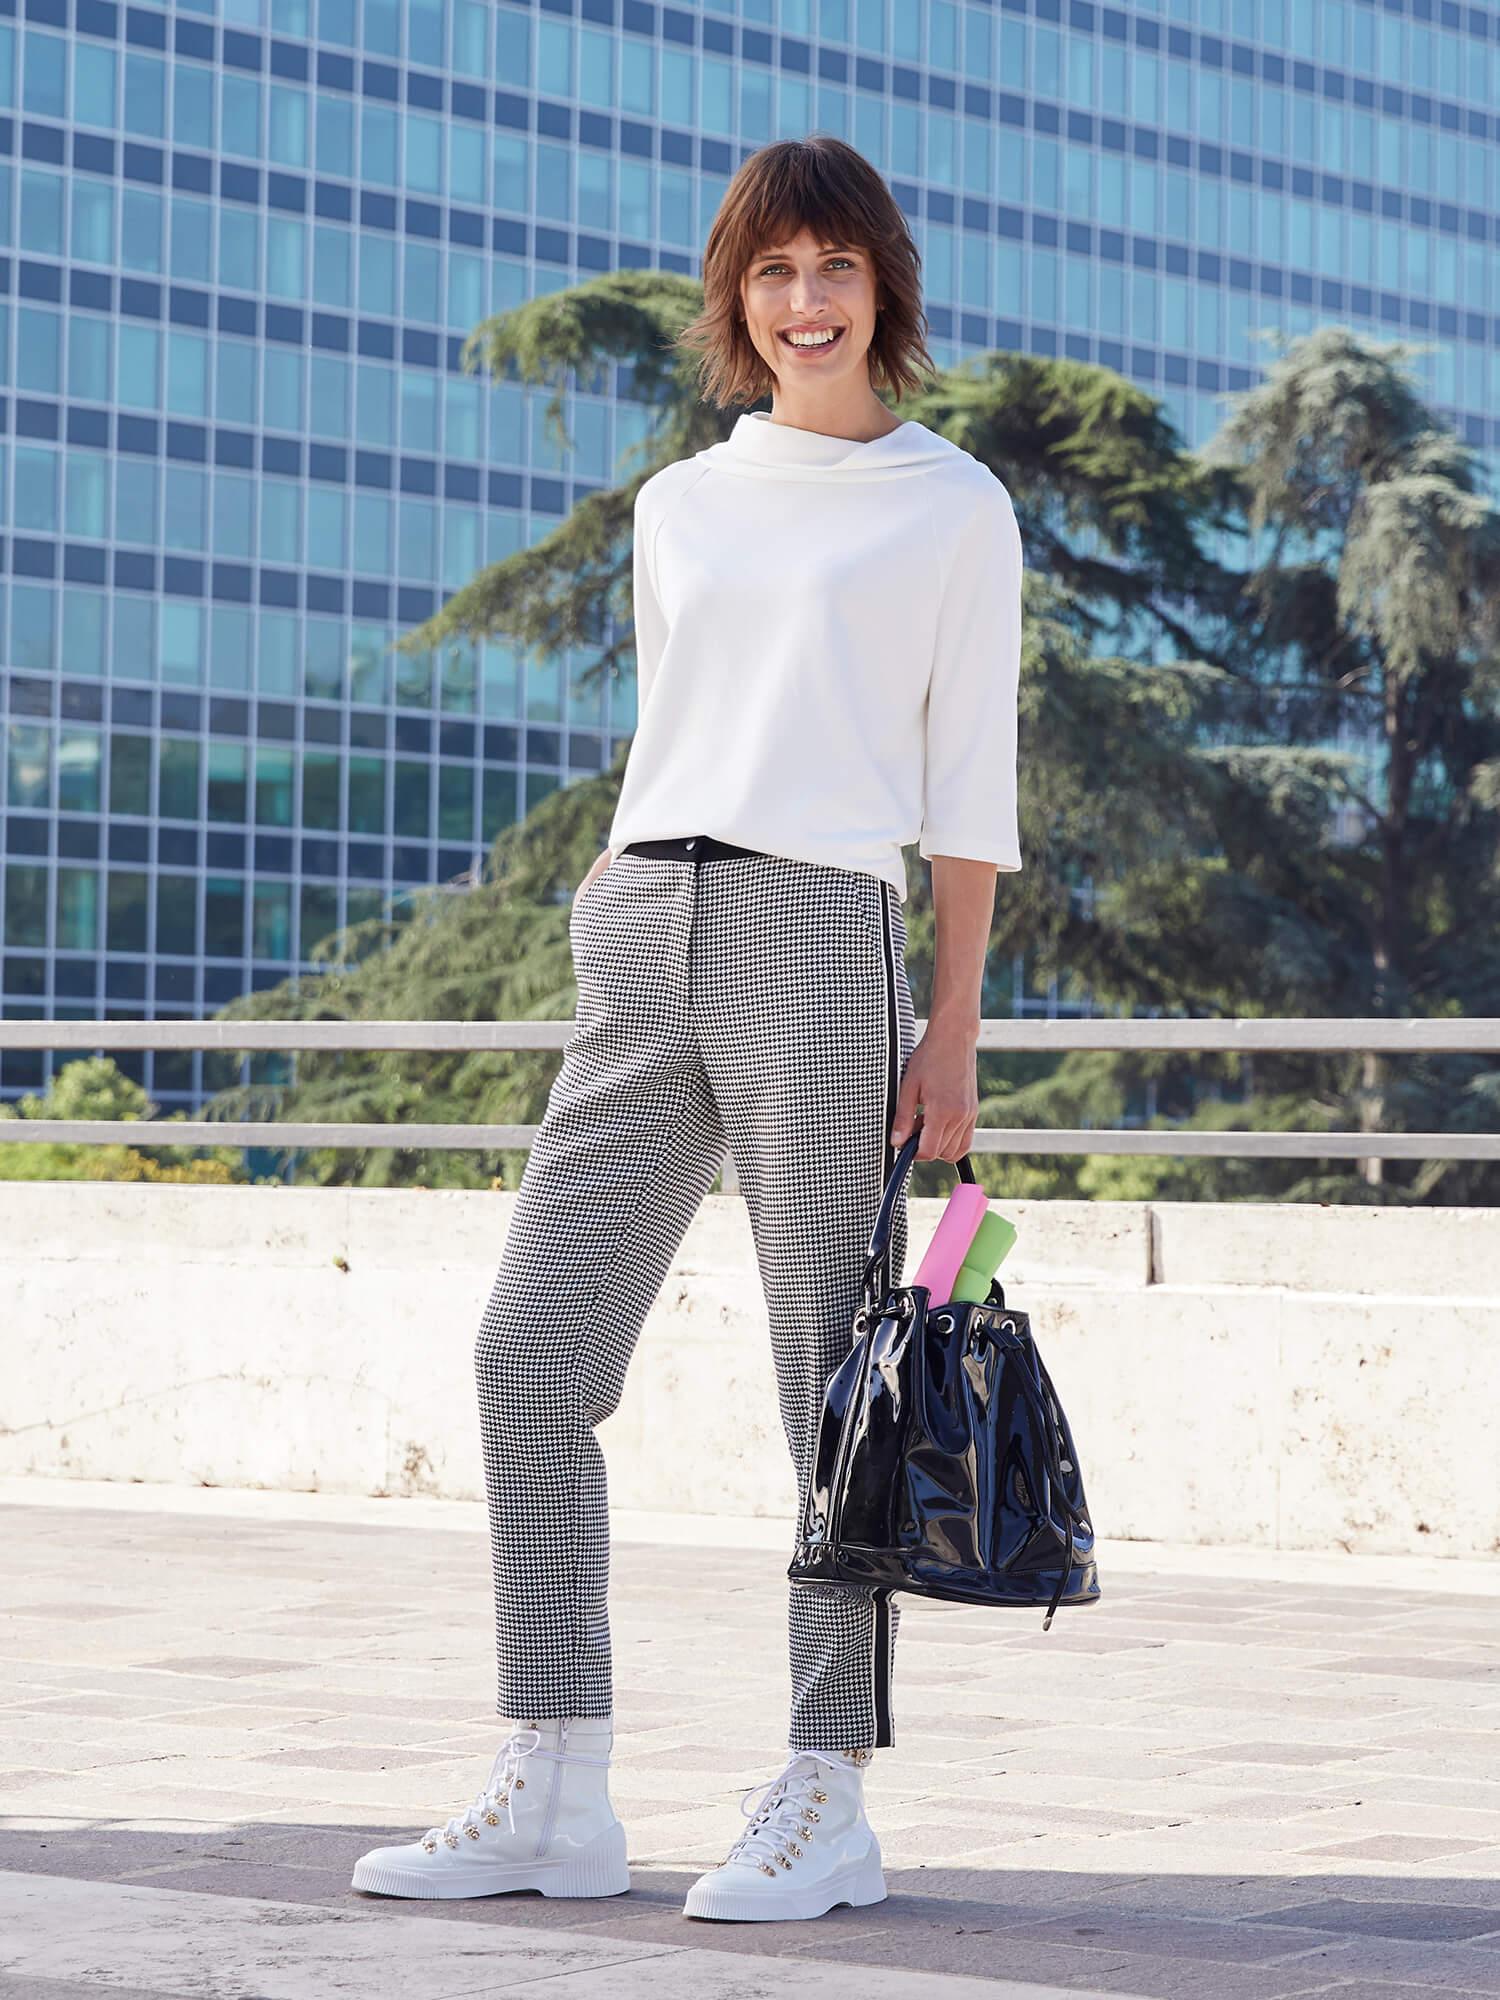 Frau mit weißem Shirt und grauer Hose.